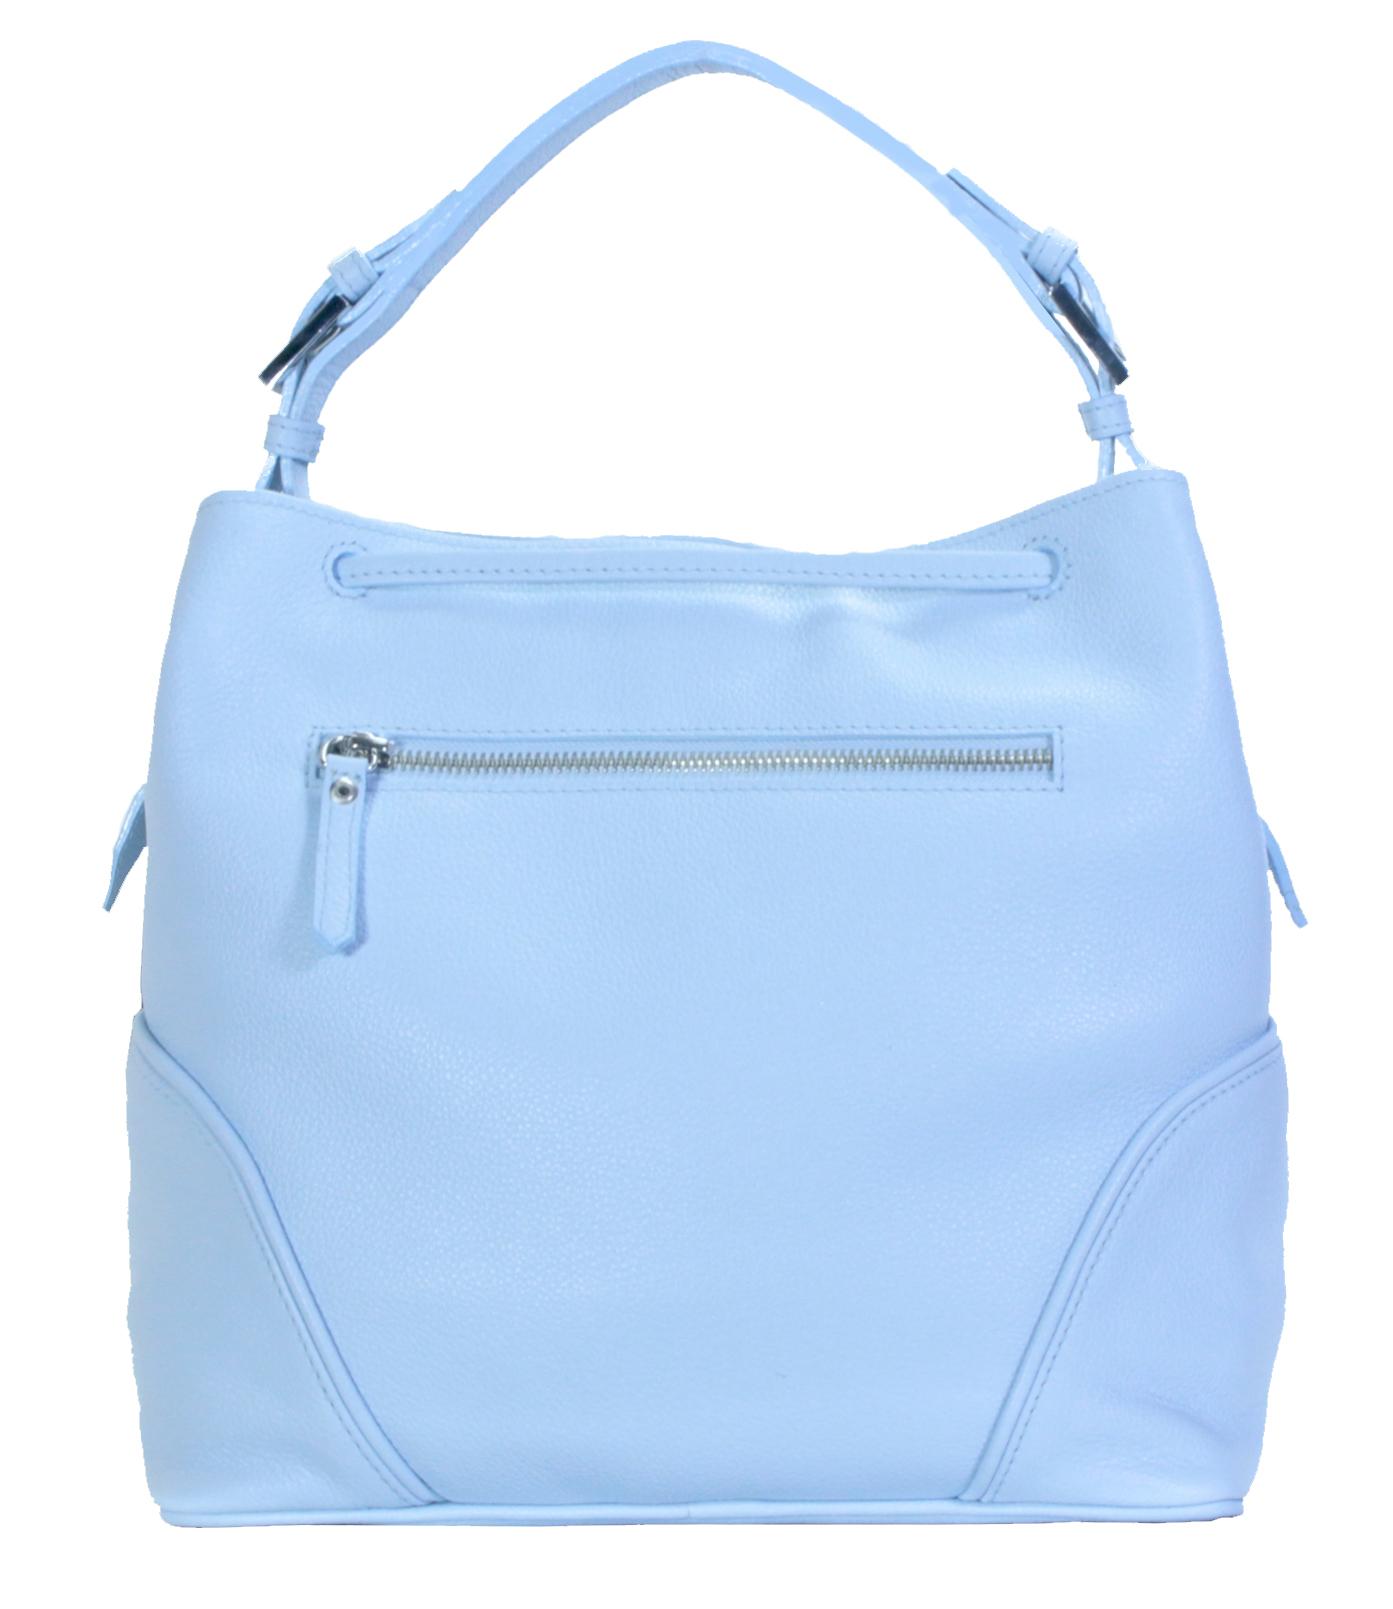 Blankytně modrá kožená kabelka 11-DS263-sky-blue - zadní pohled